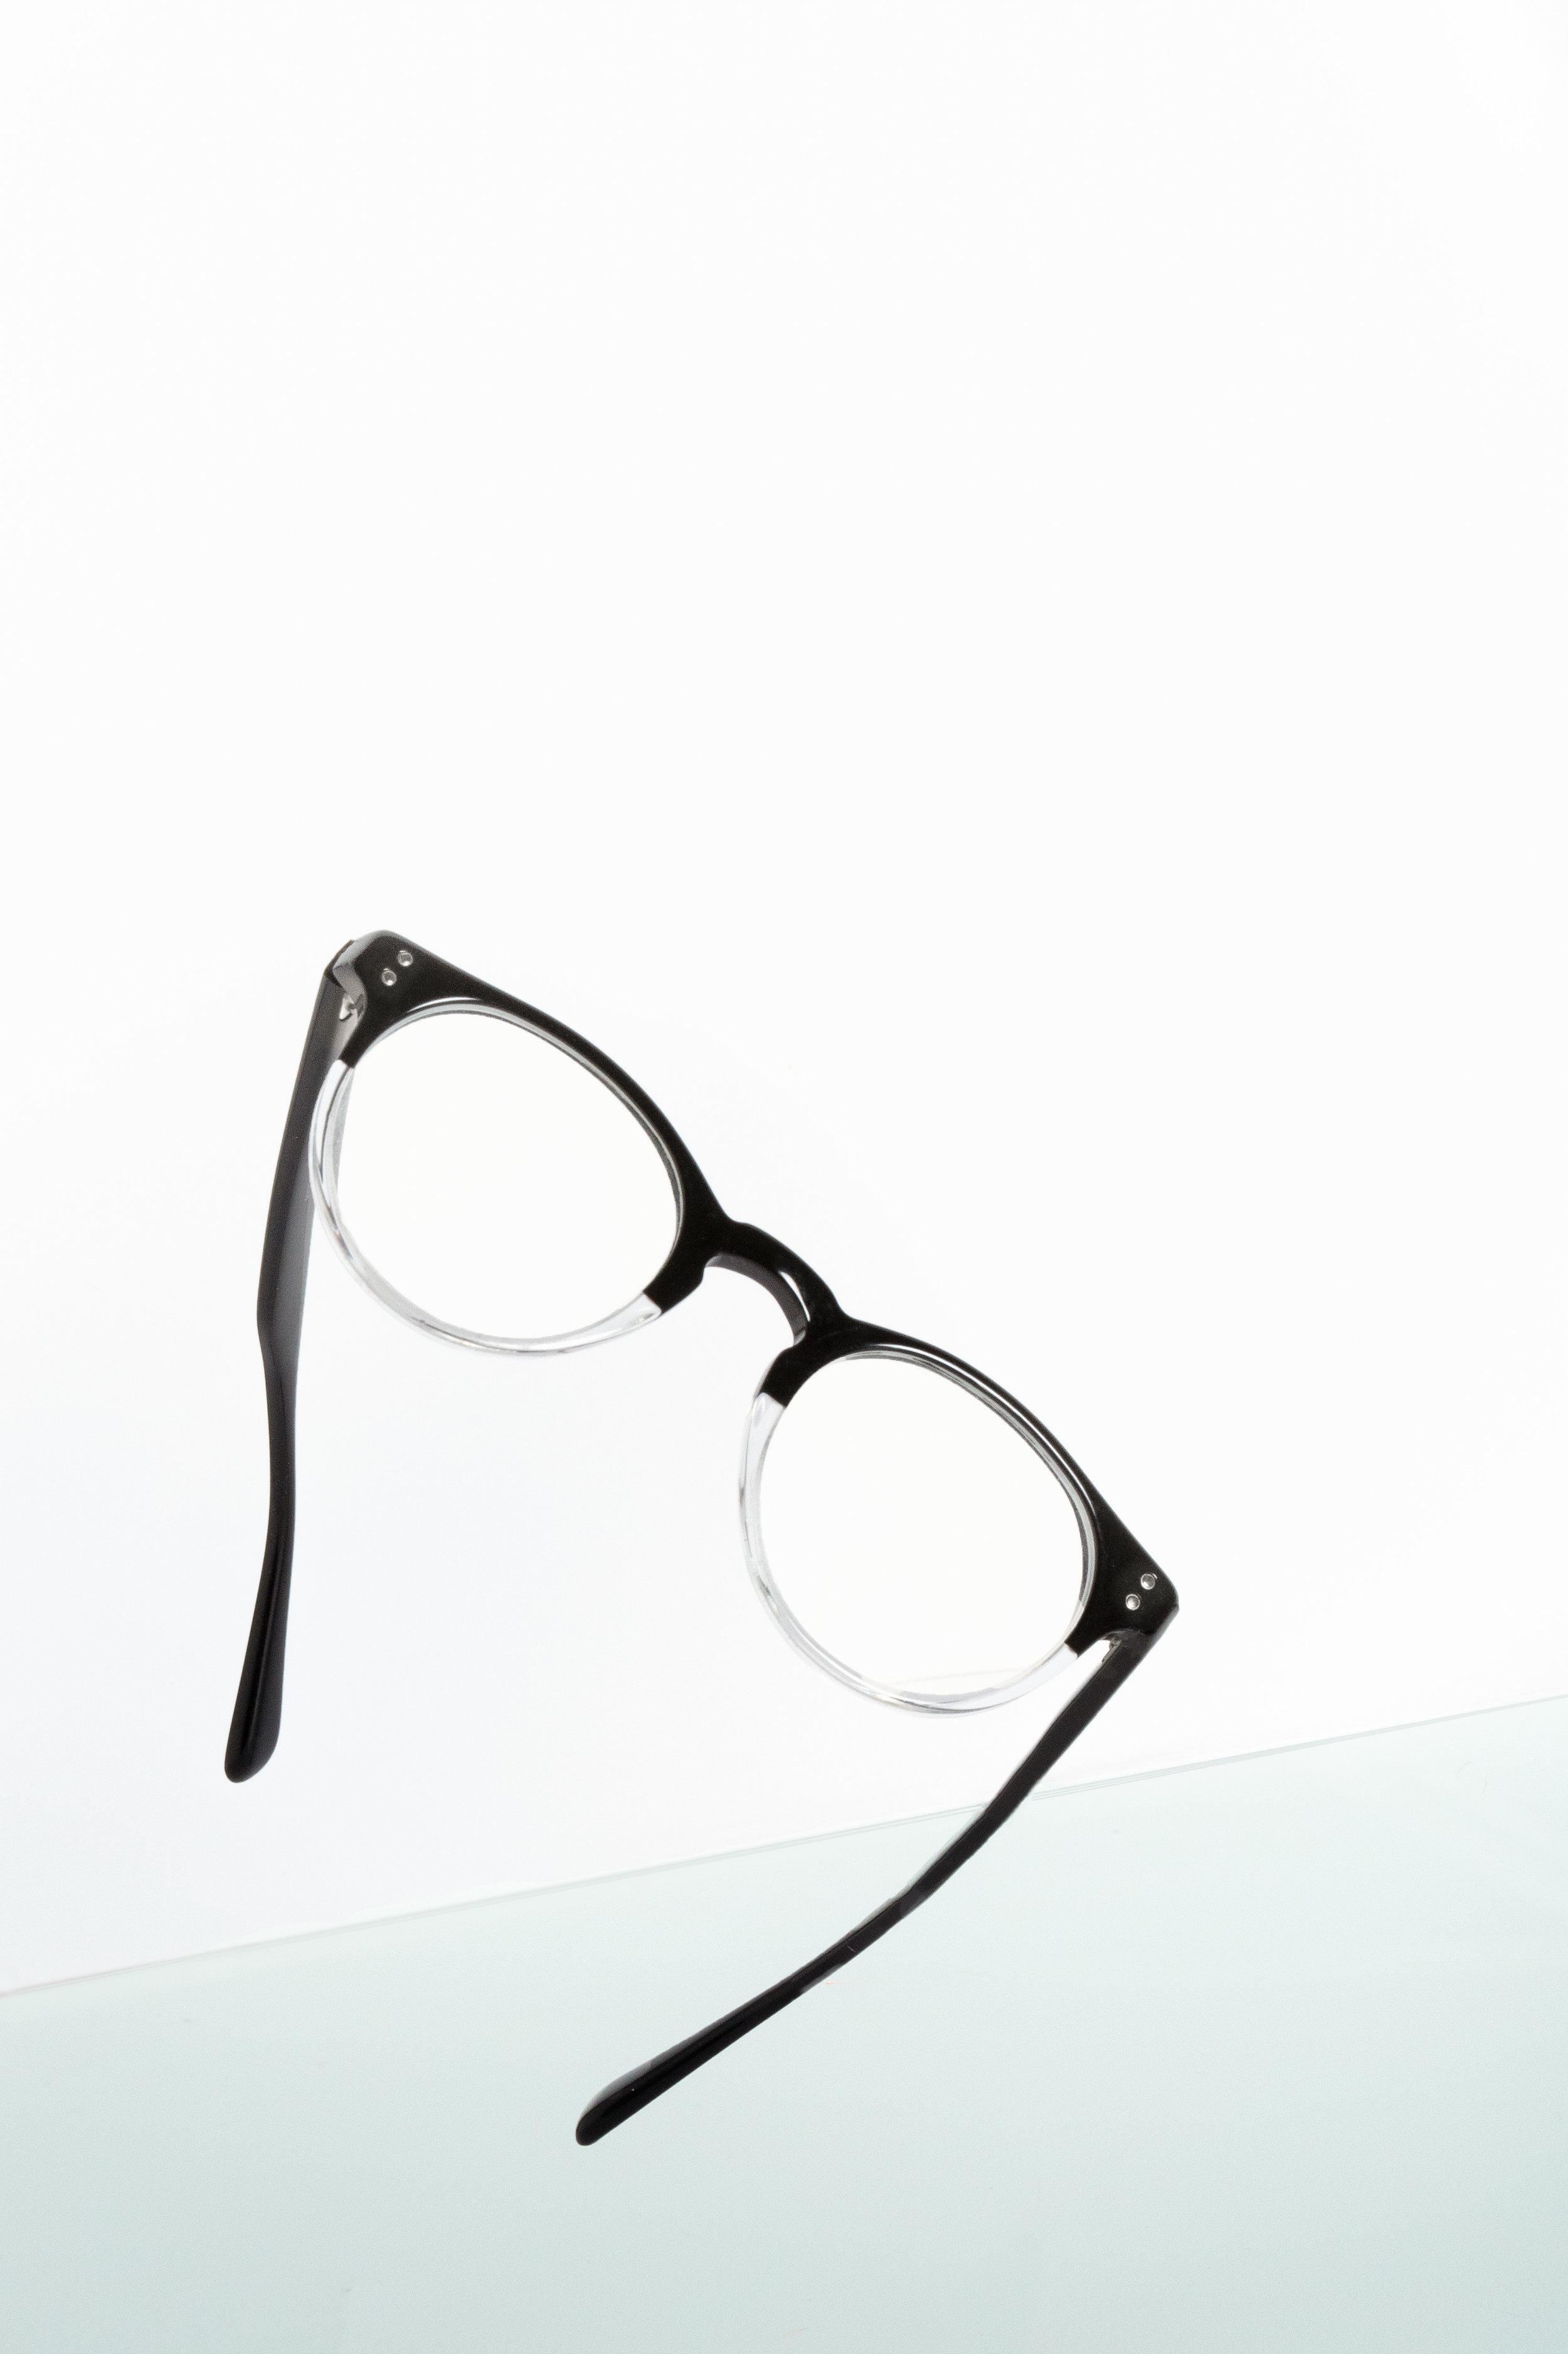 Eyeglasses2.jpg